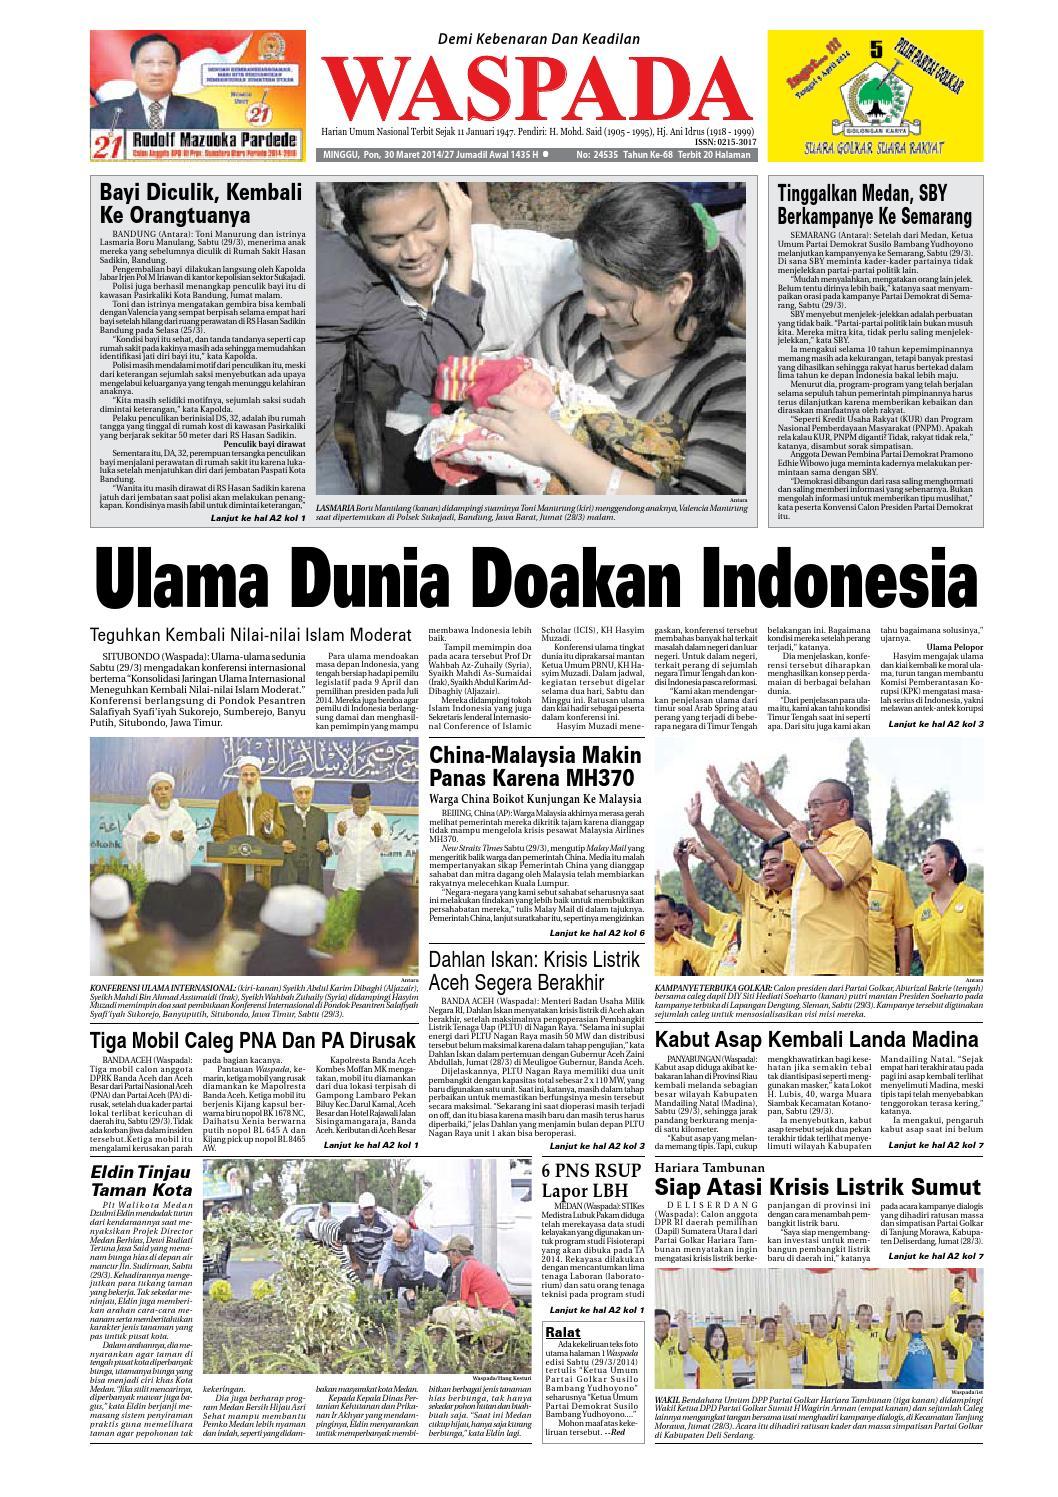 Waspada Minggu 30 Maret 2014 By Harian Waspada Issuu